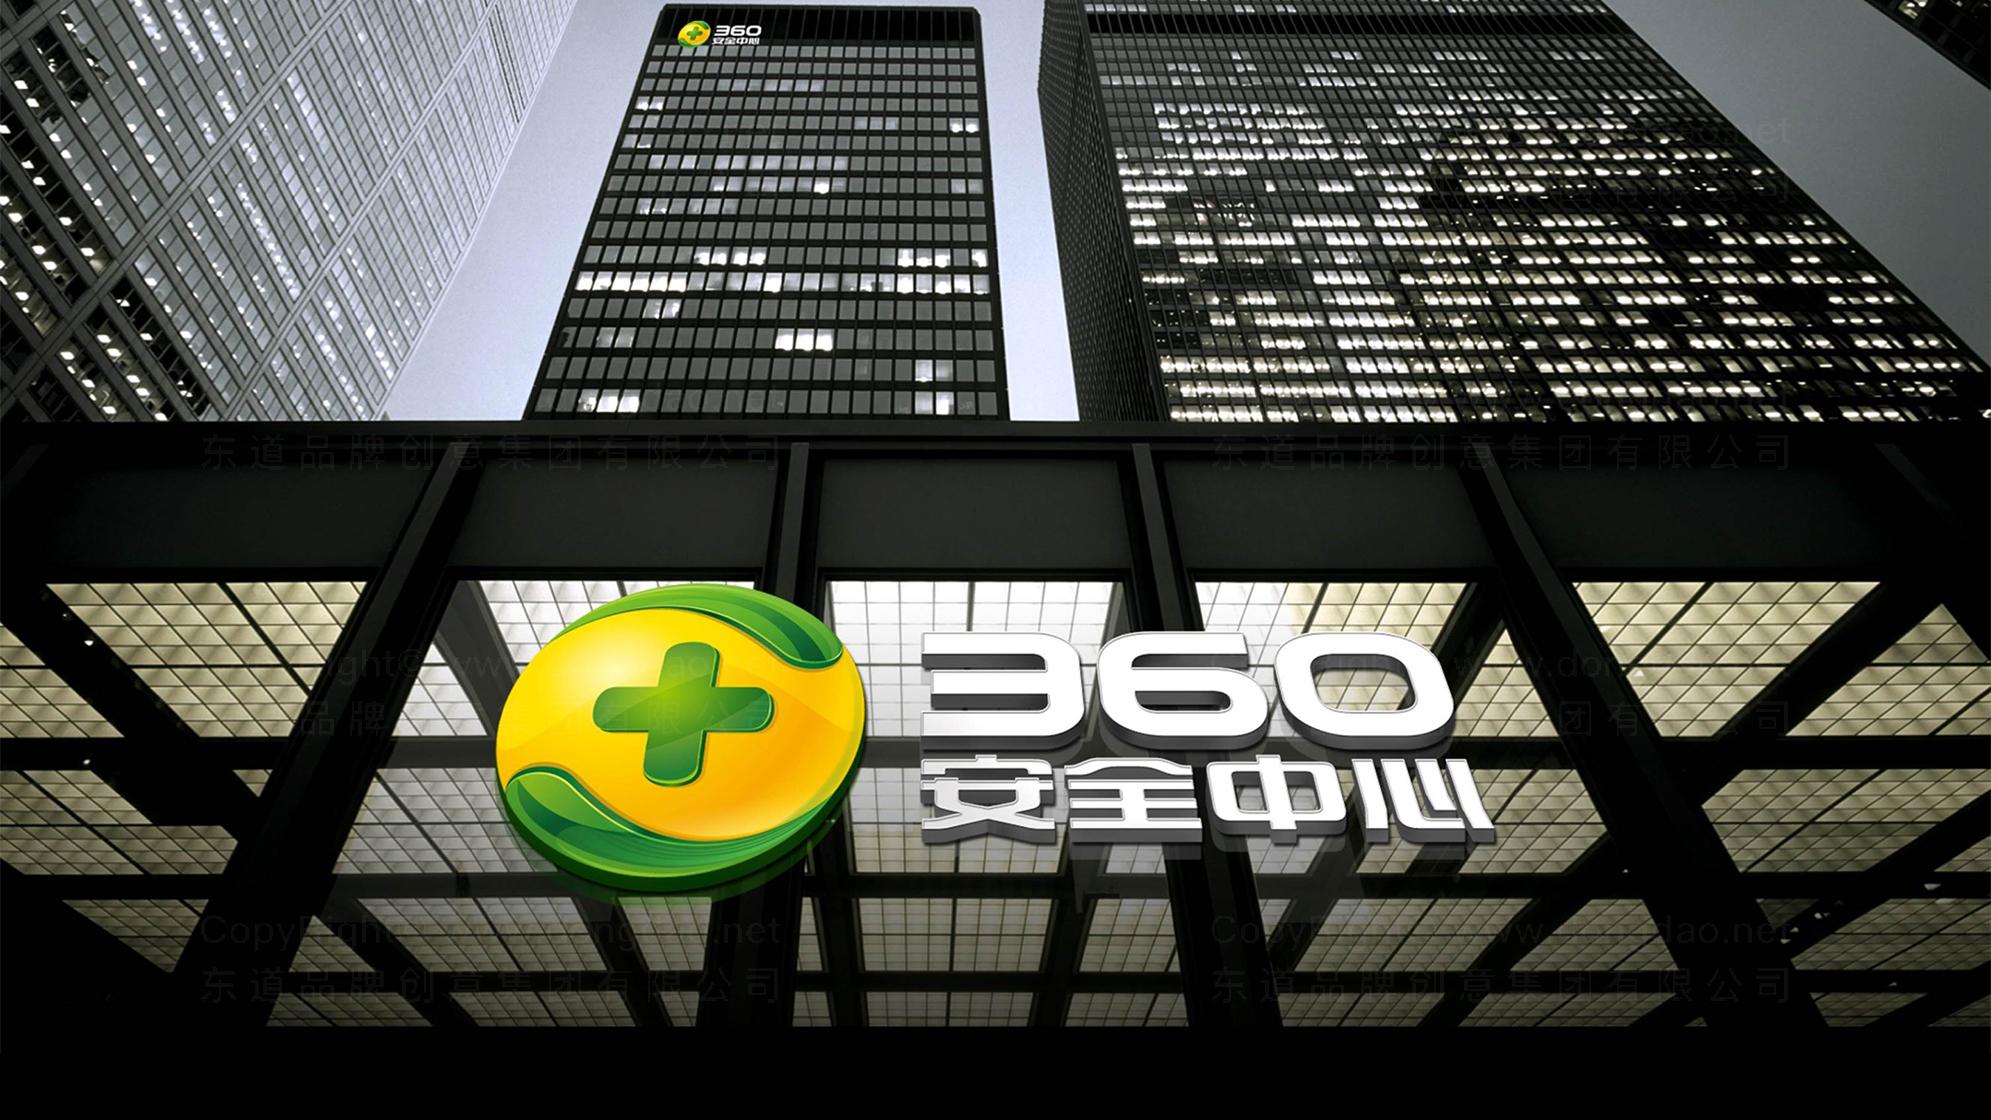 品牌设计360安全中心LOGO&VI设计应用场景_6